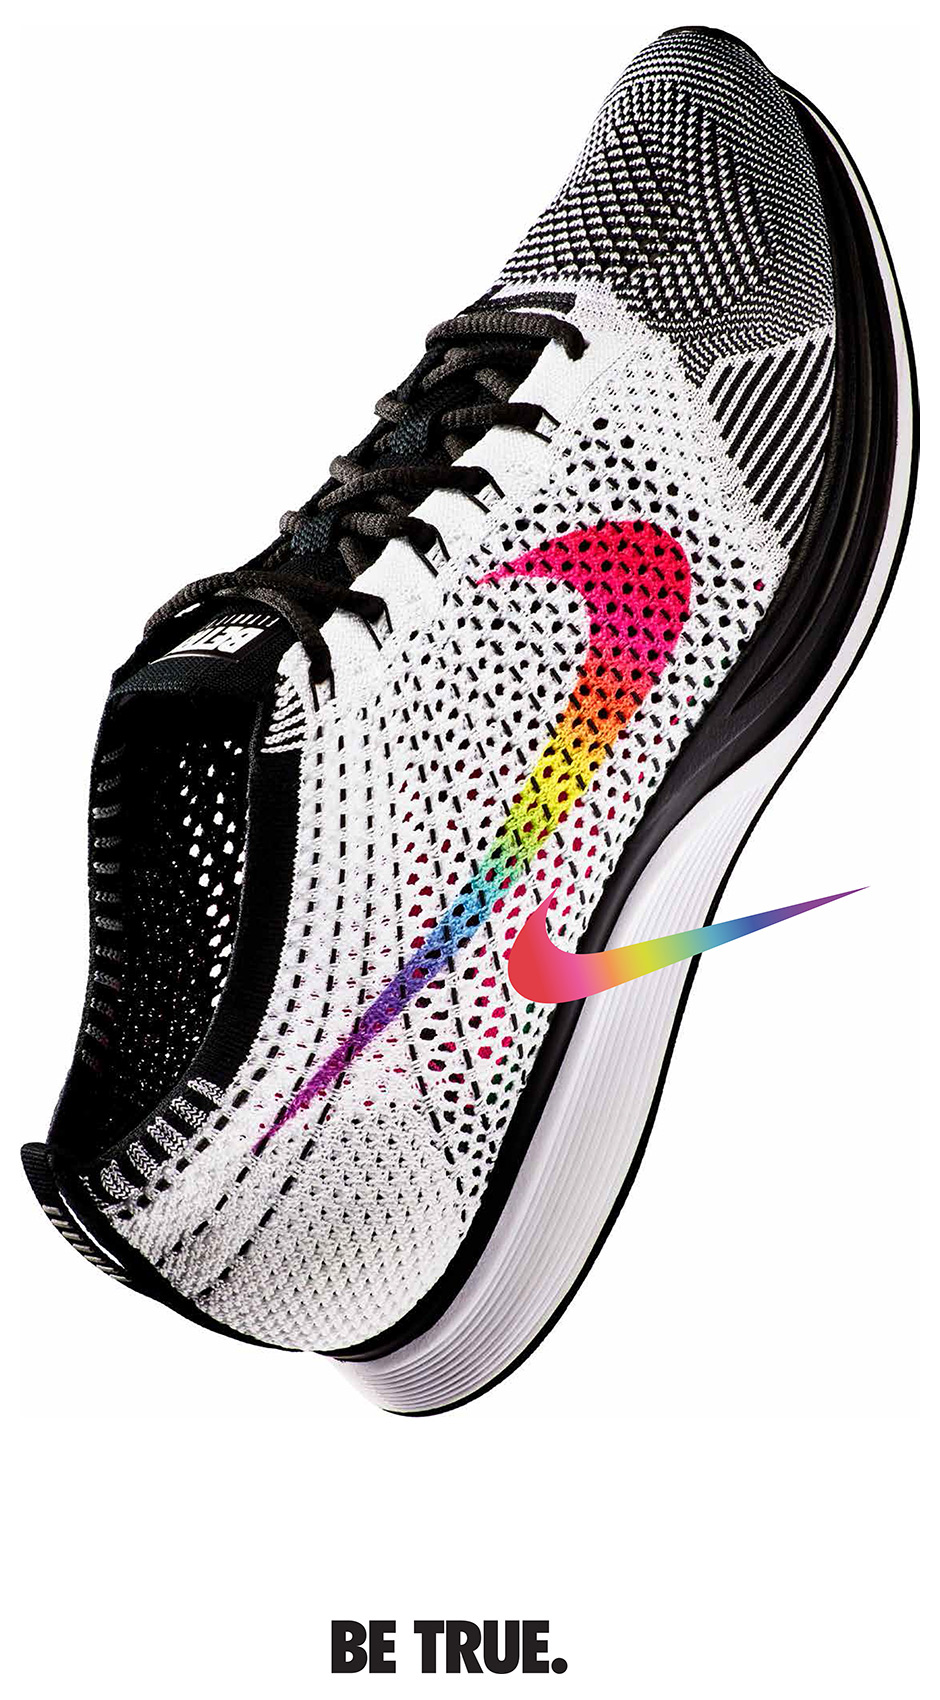 9c5cec084f5fd Nike BETRUE 2017 Release Date